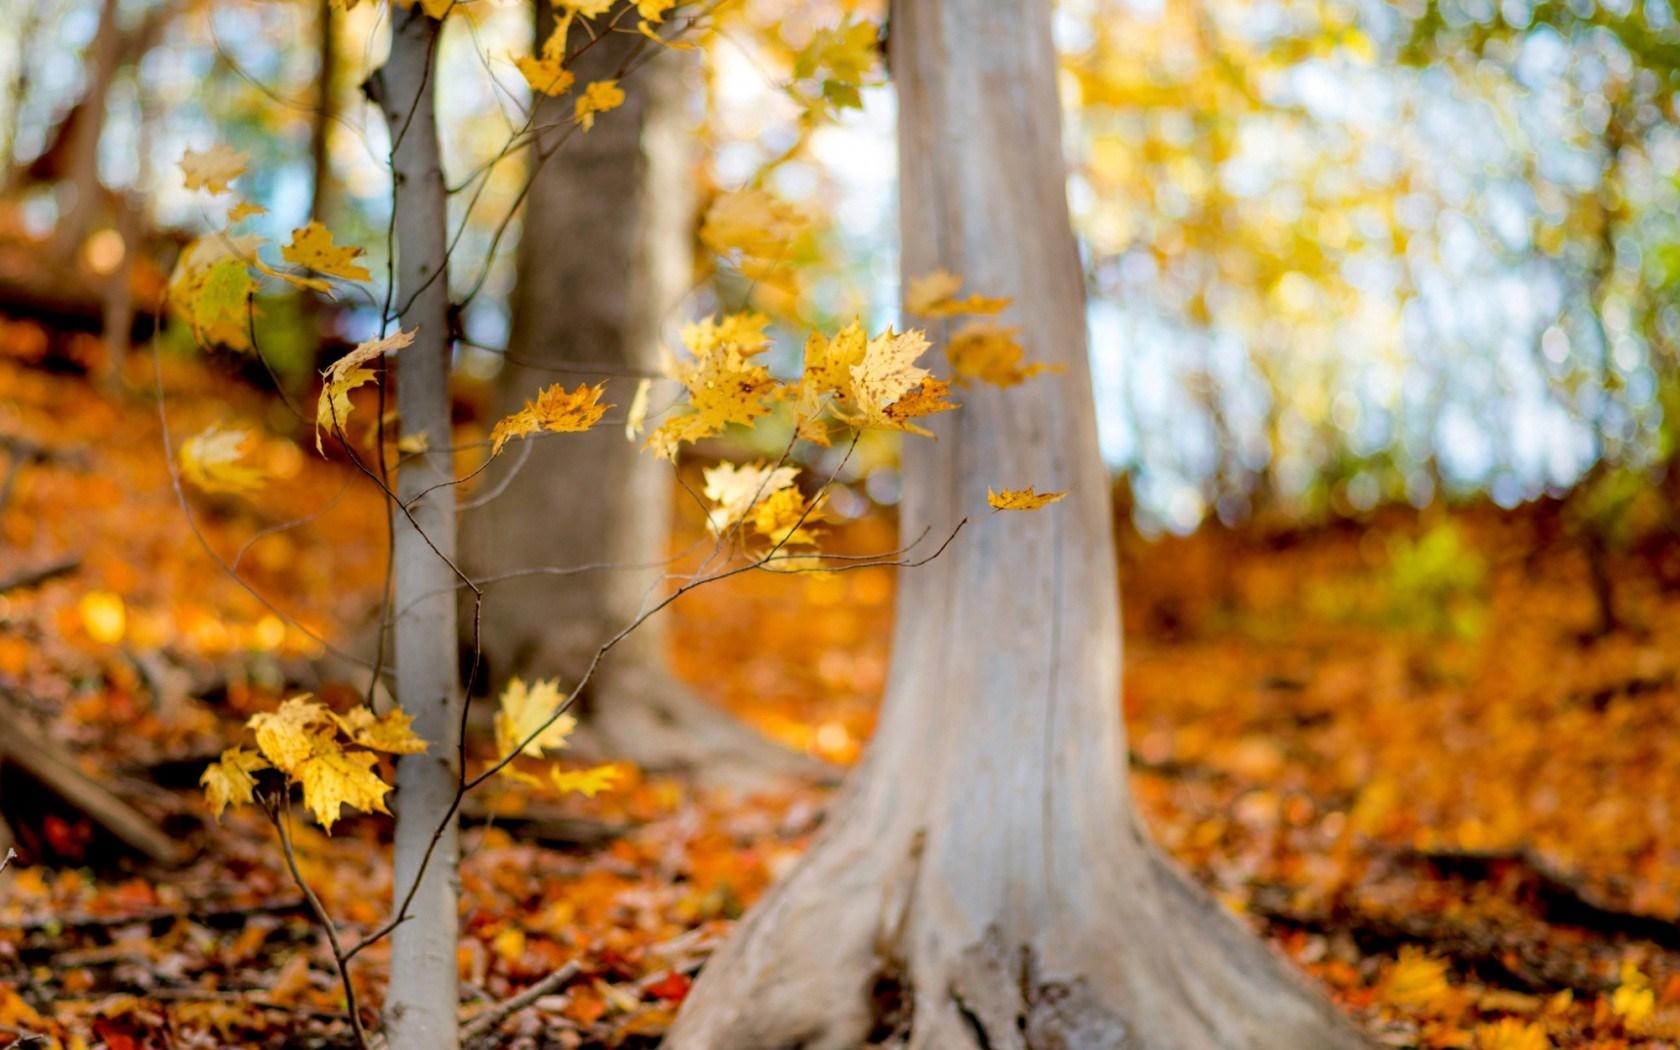 Hipster Fall Desktop Wallpaper Autumn Fall Trees Forest Hd Desktop Wallpapers 4k Hd